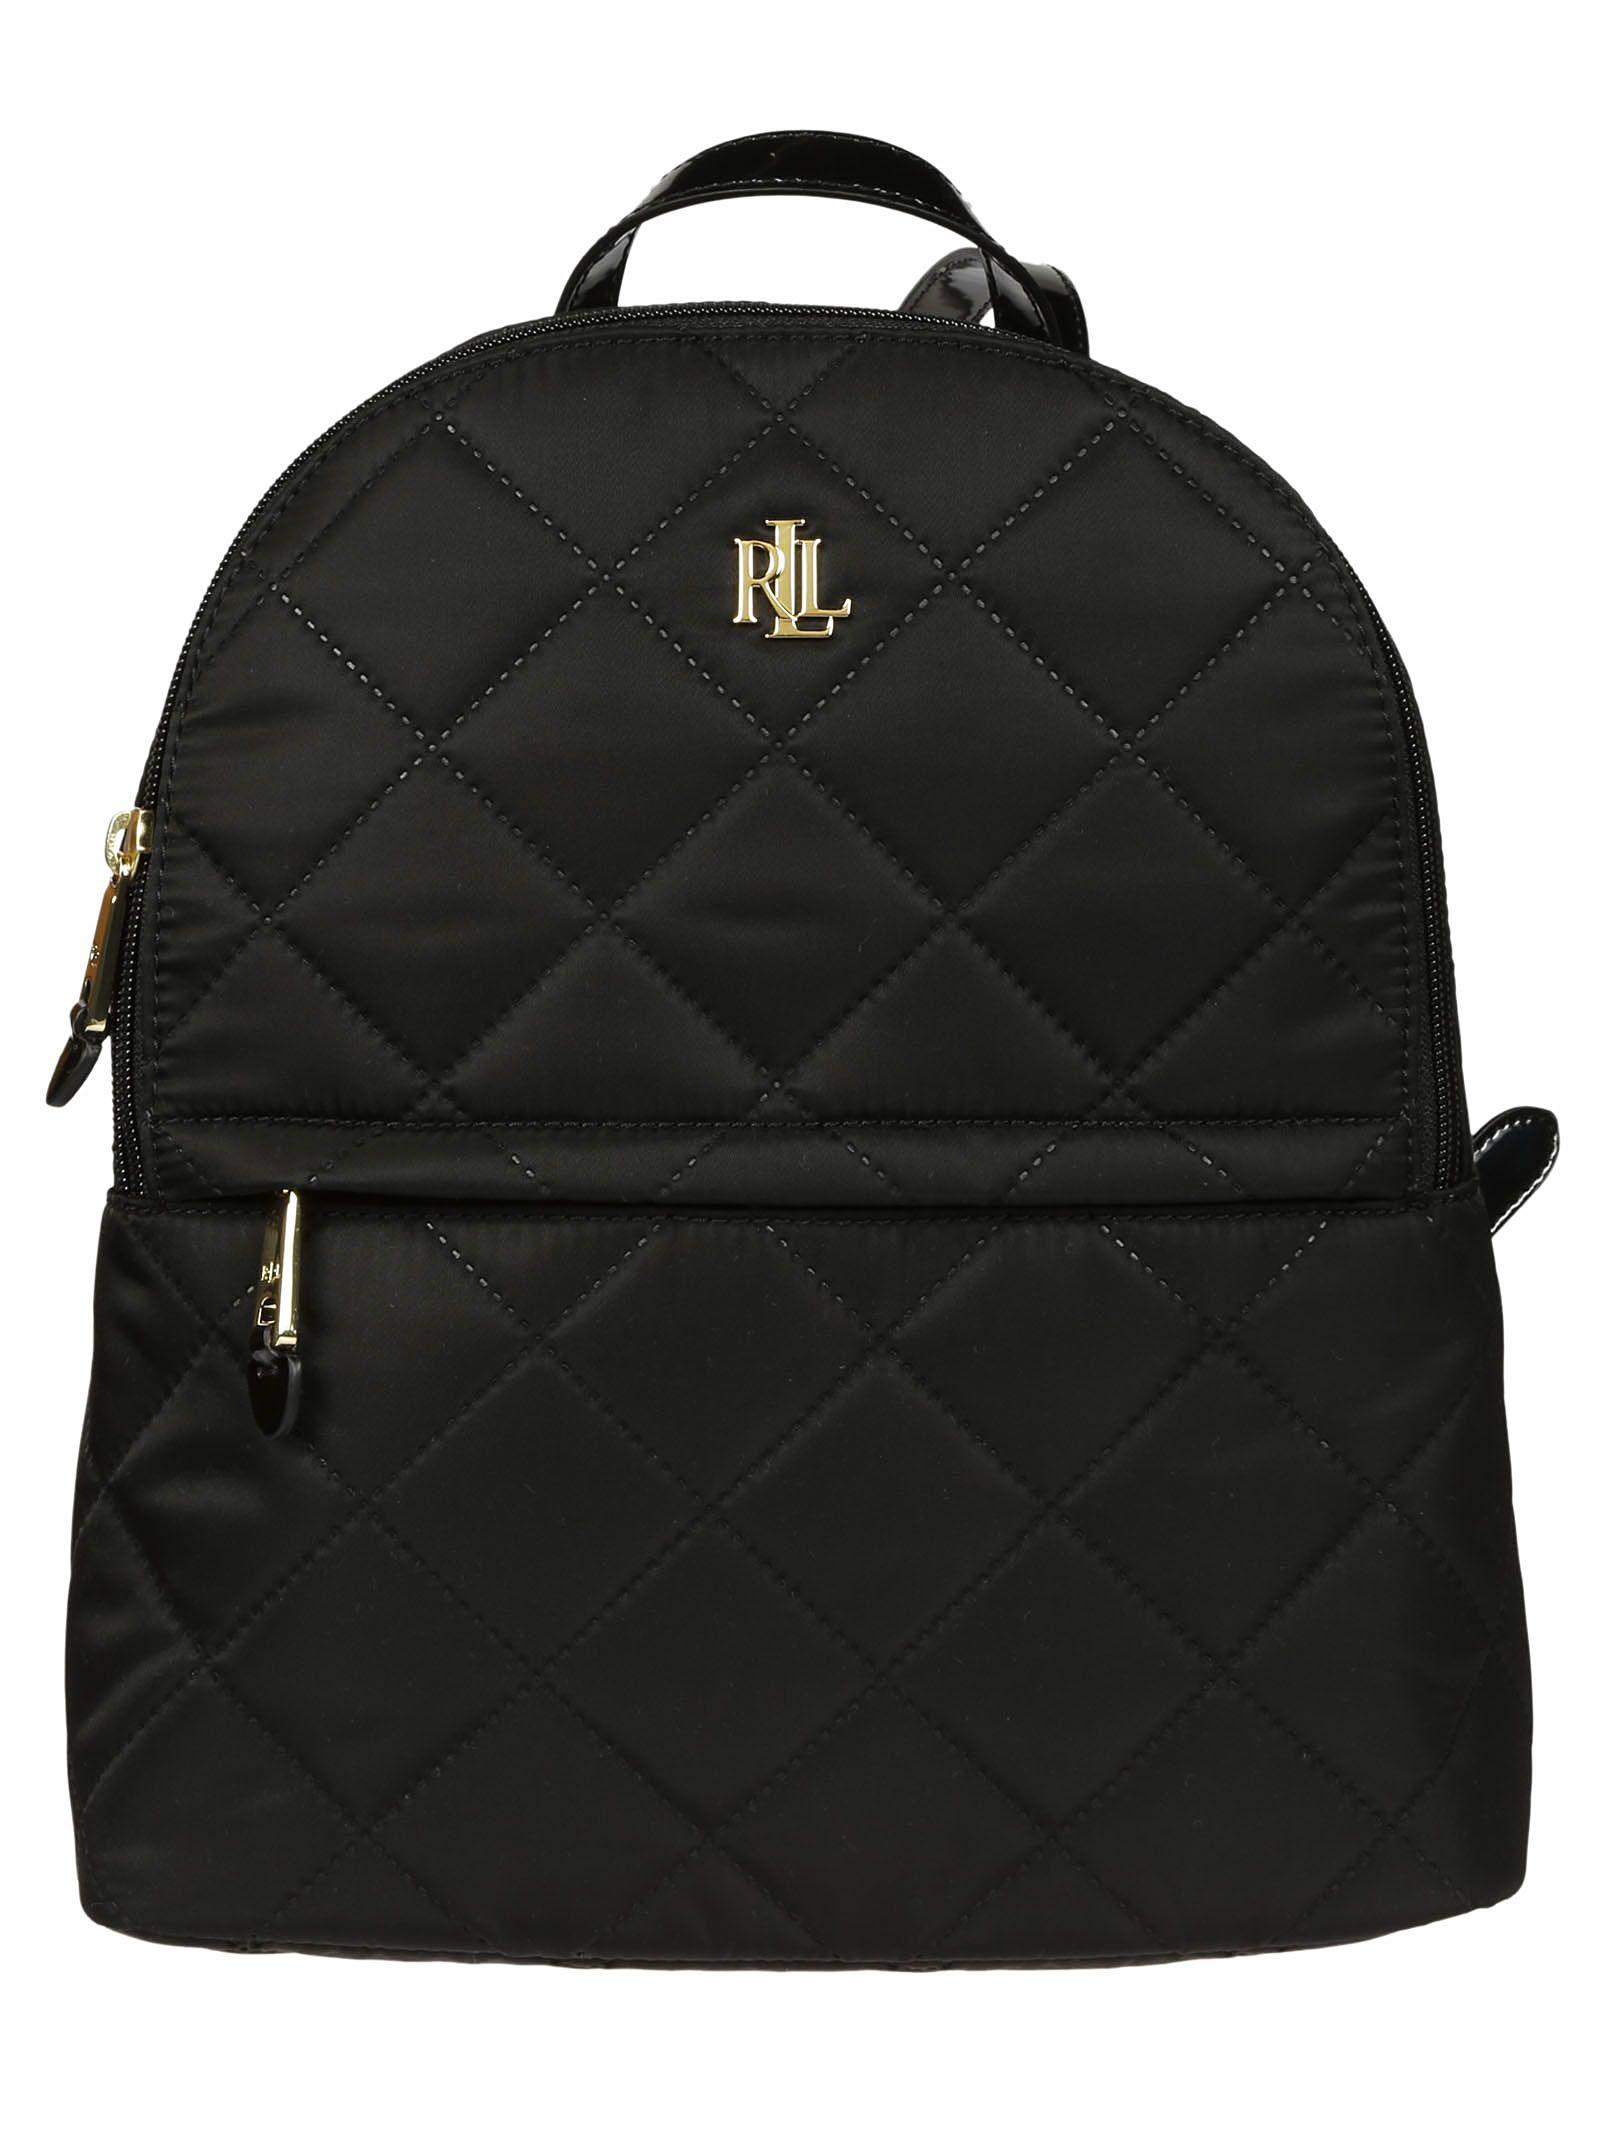 Ralph Lauren Quilted Backpack